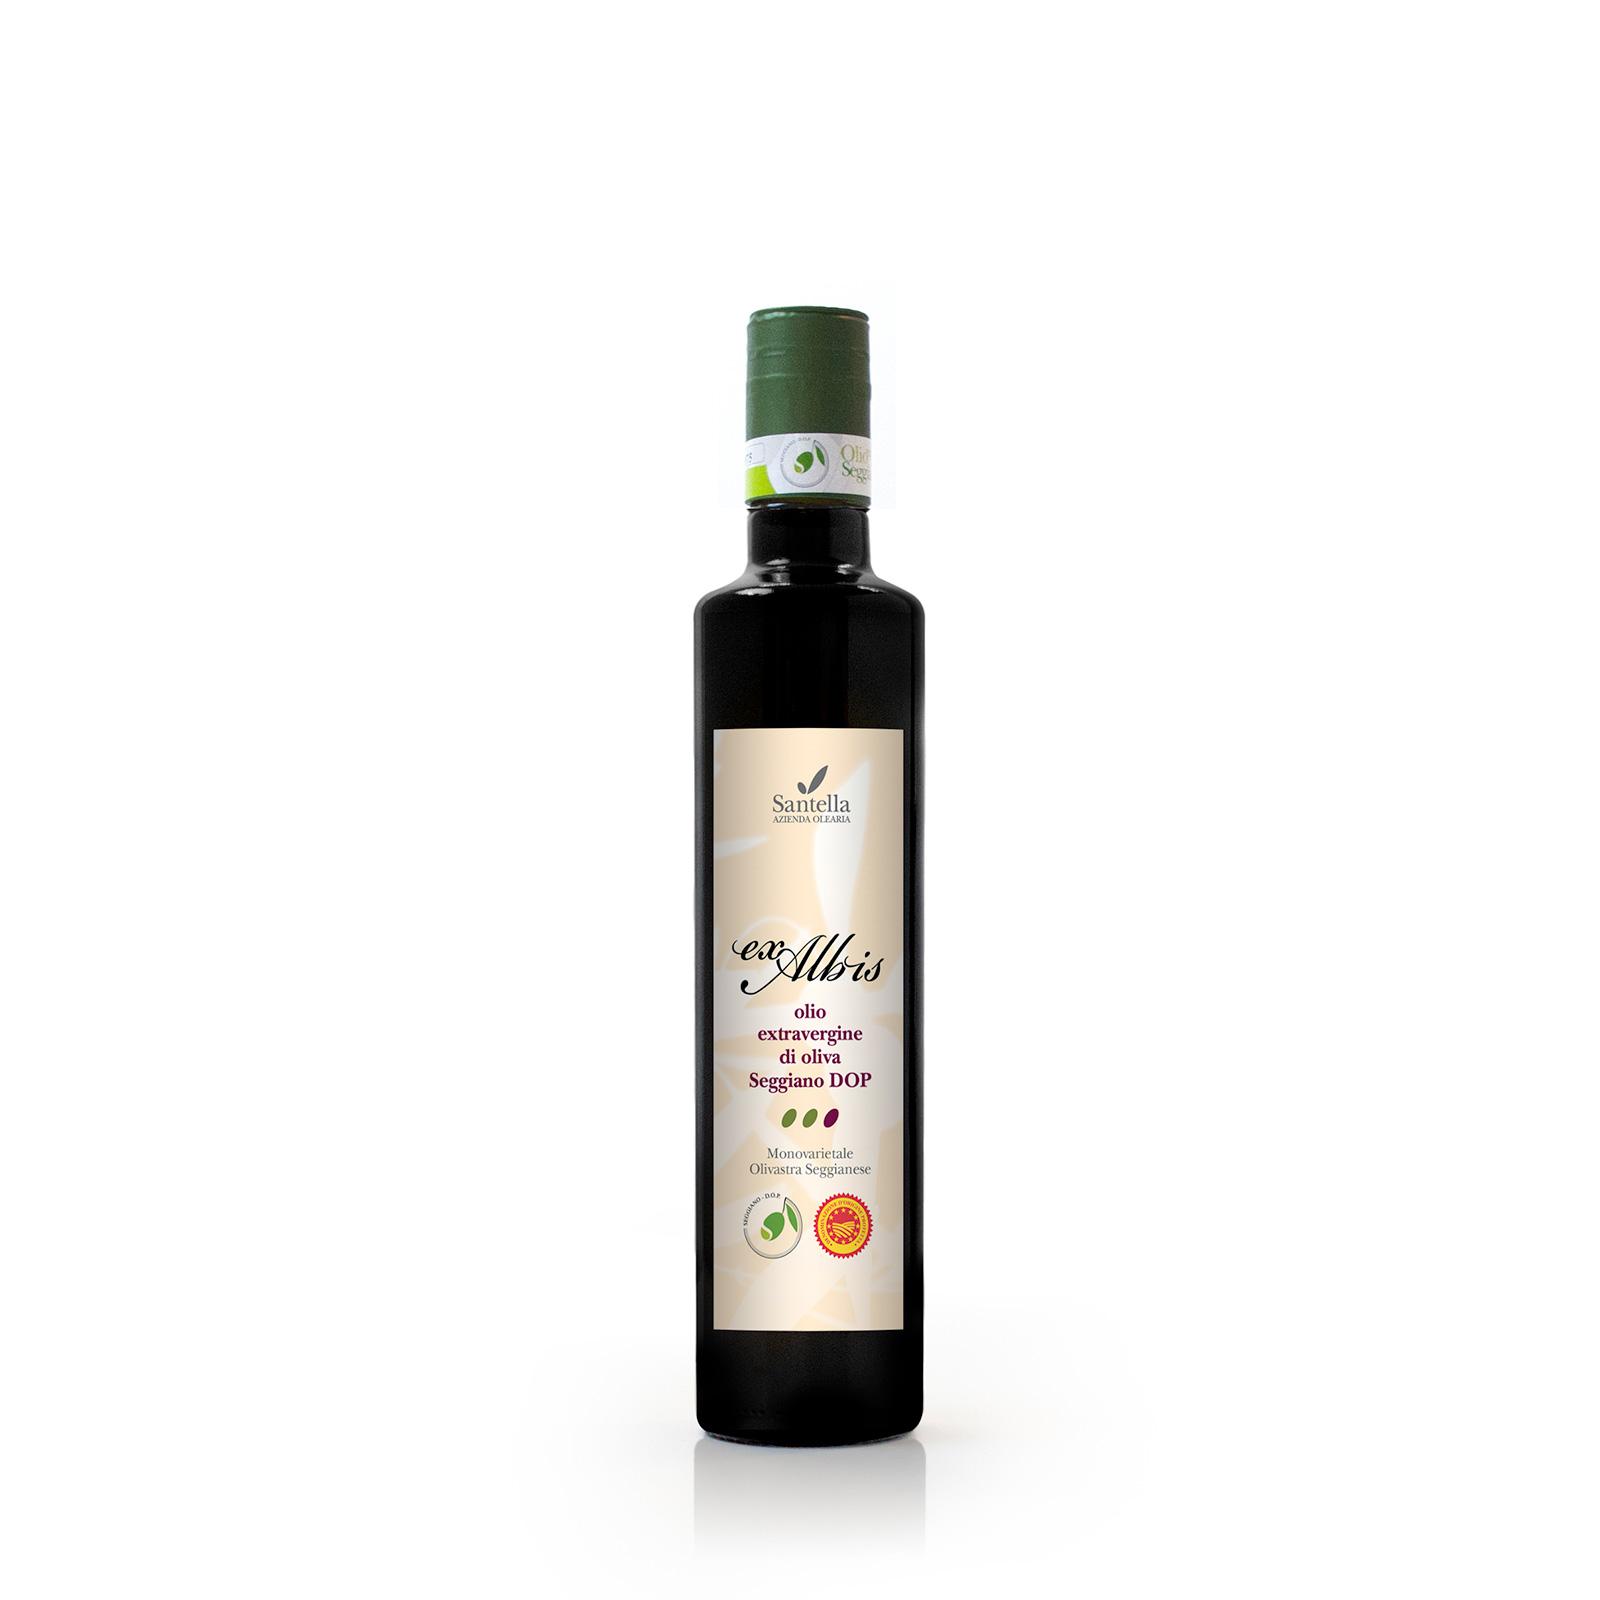 Olearia Santella Ex Albis